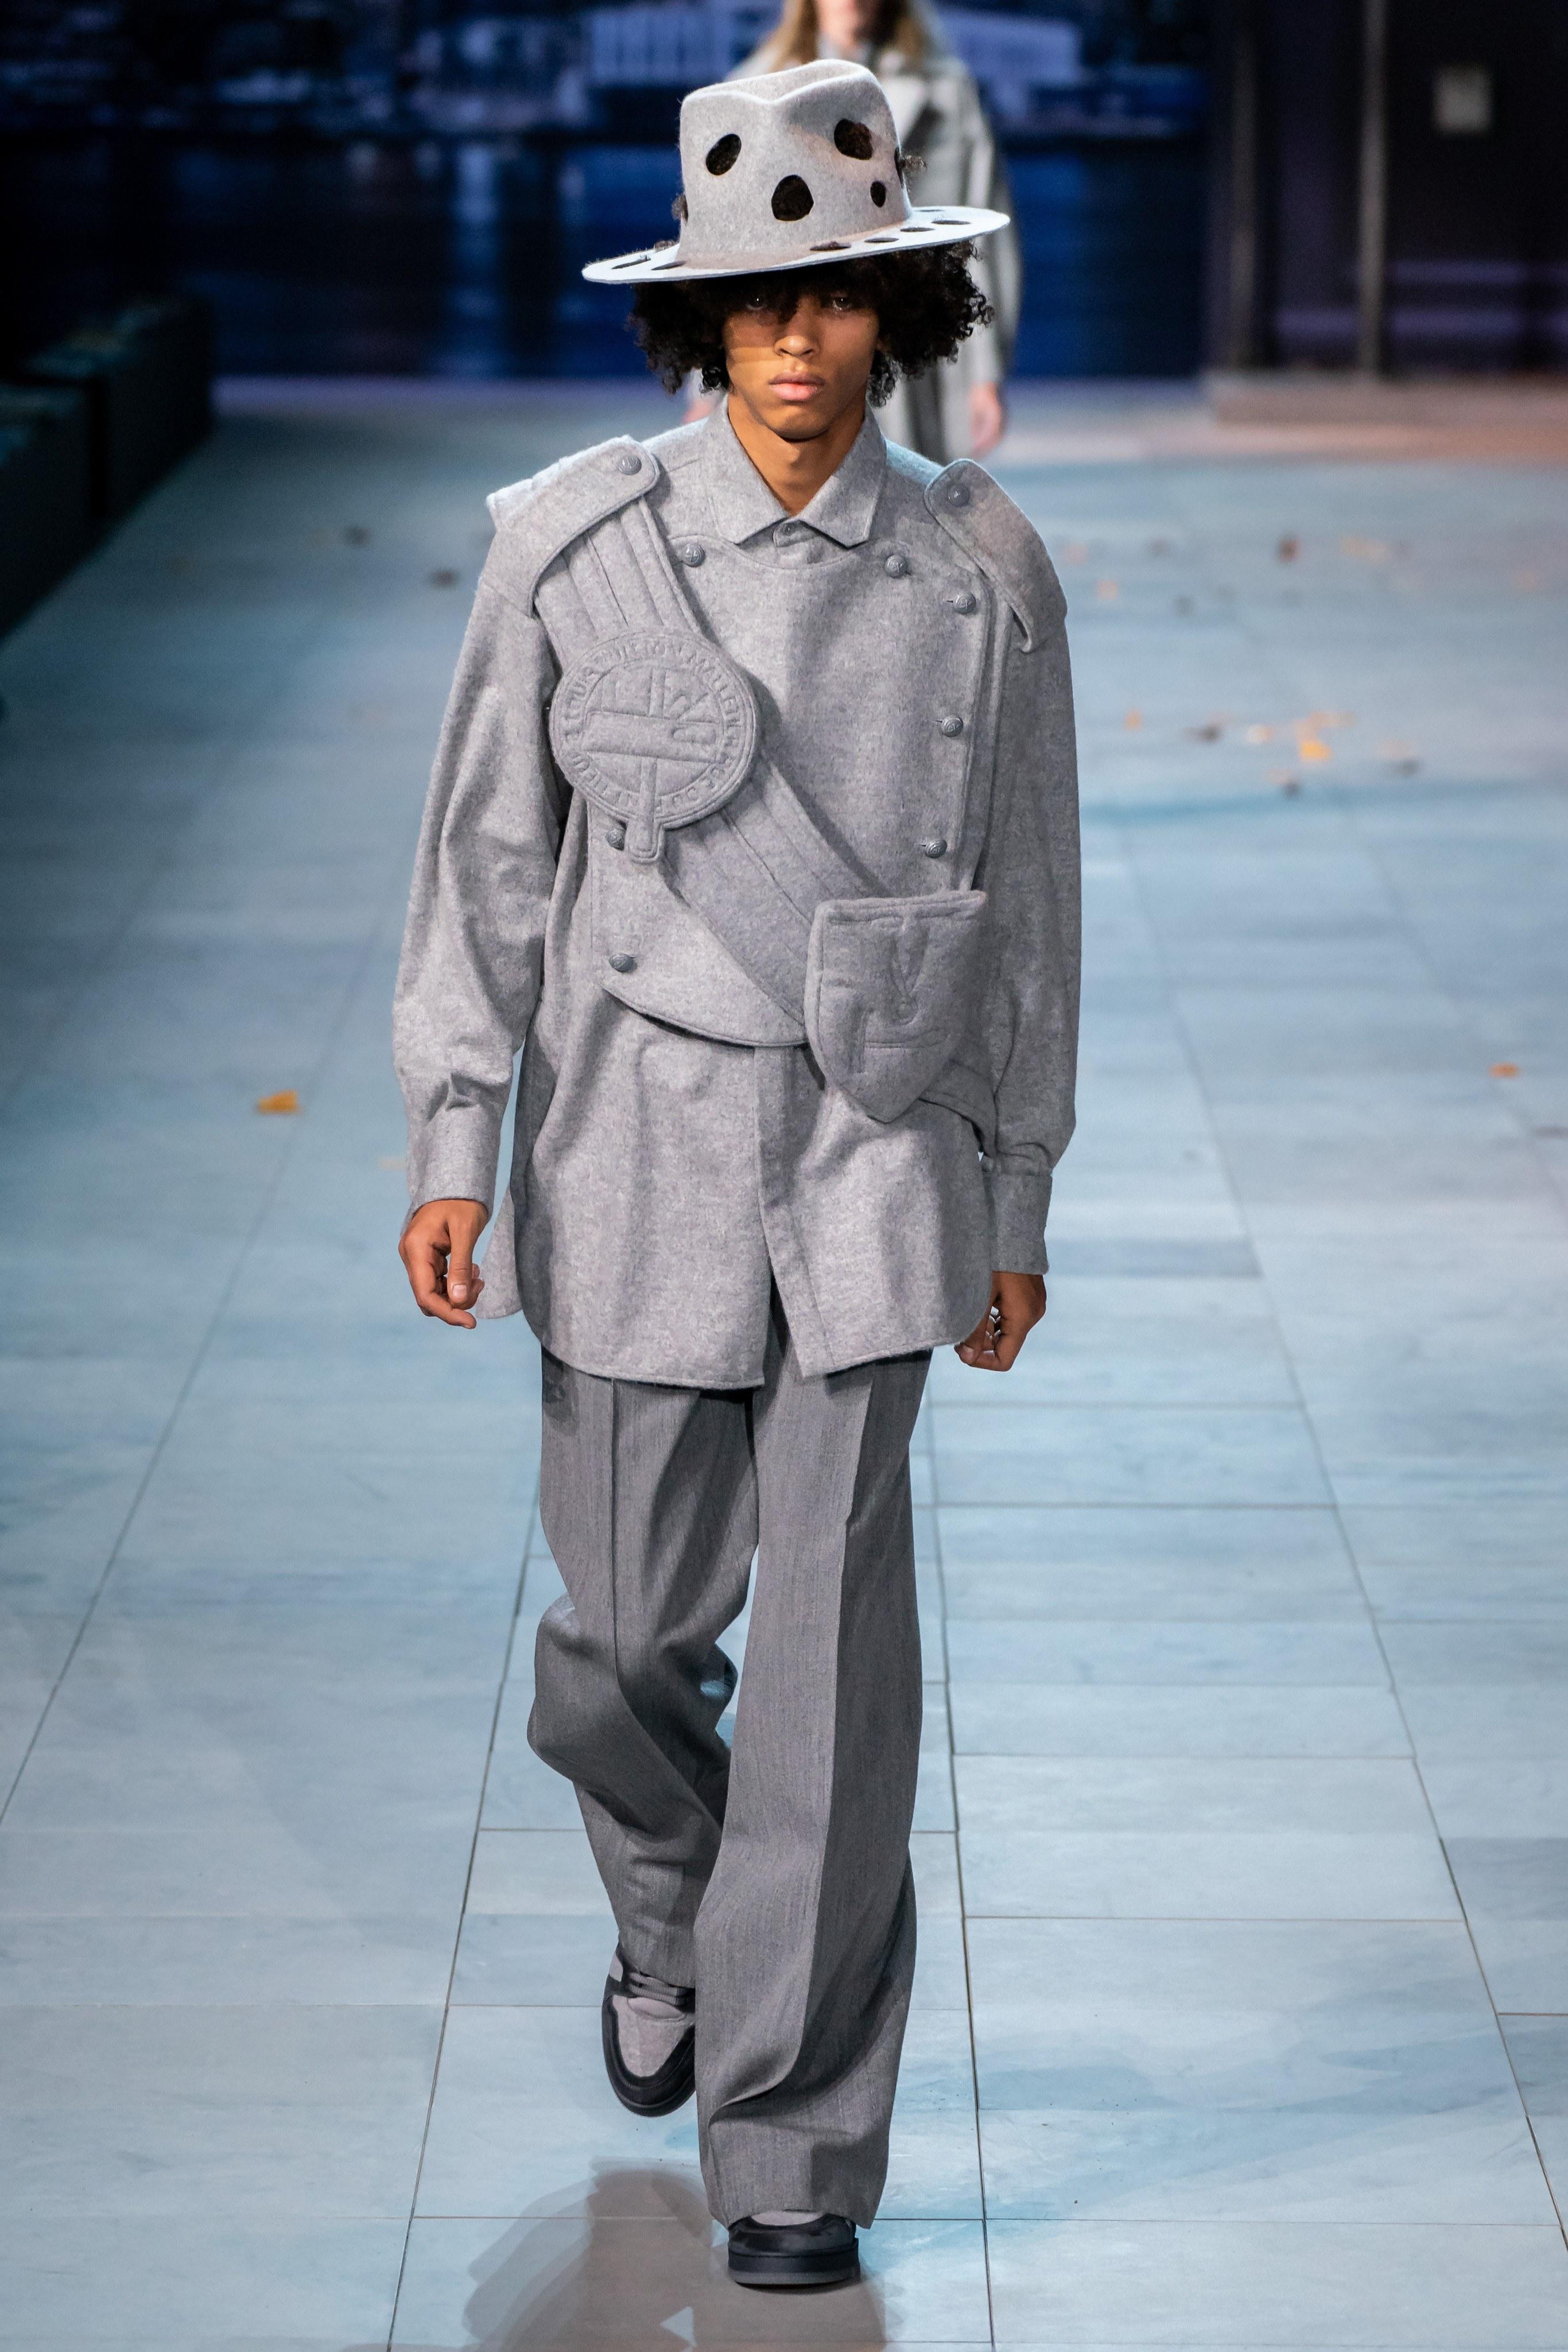 Michael Jackson an hien trong show dien thoi trang nam Louis Vuitton hinh anh 4